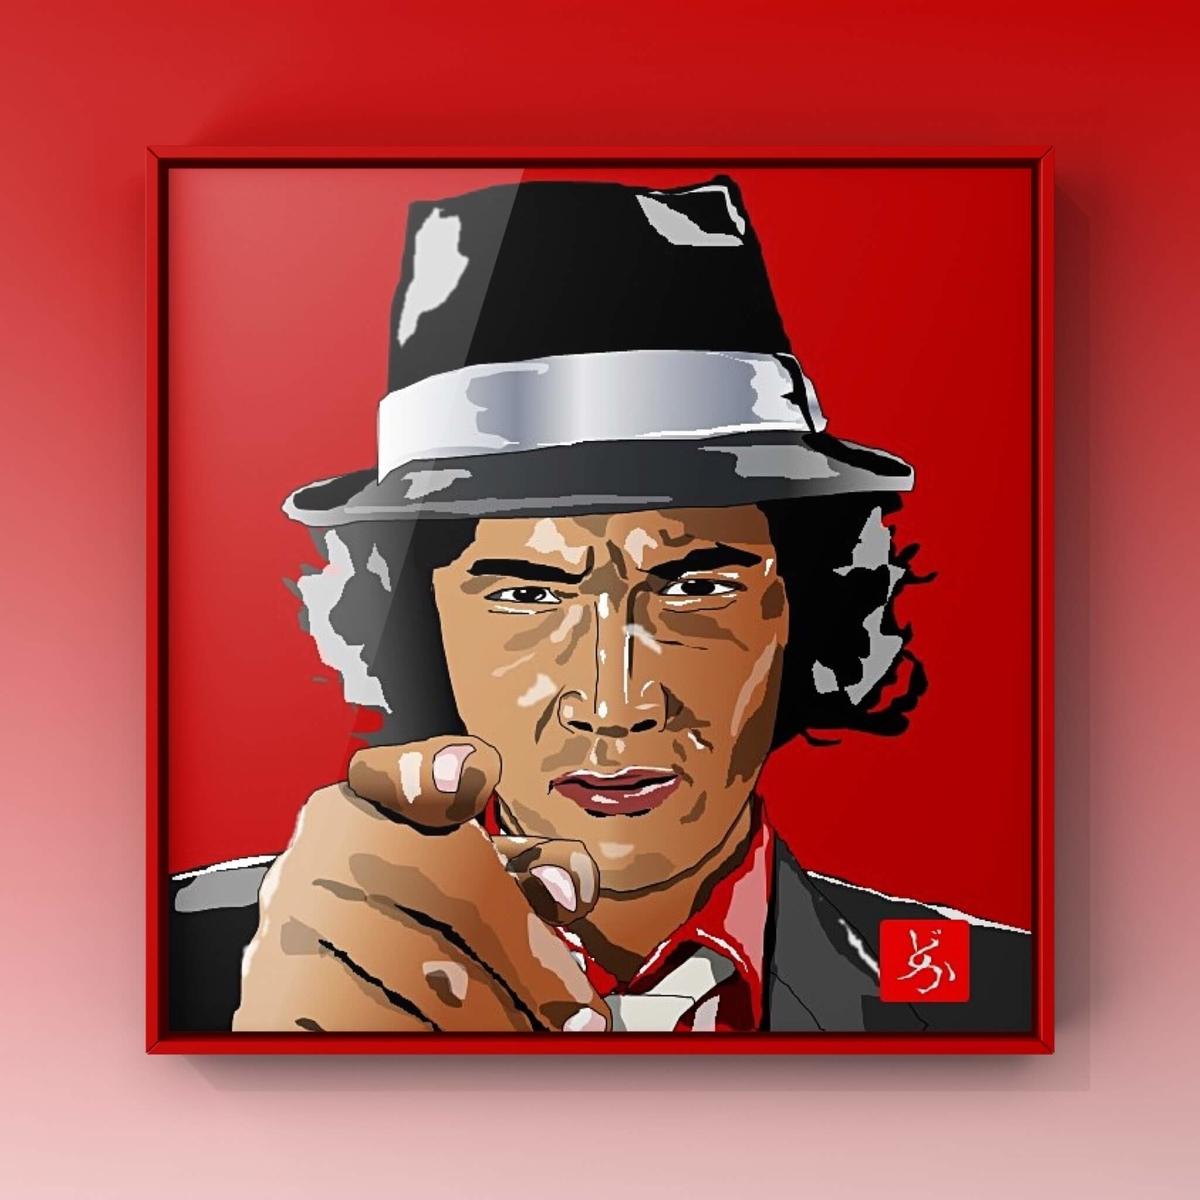 TV版「探偵物語」の松田優作のエクセル画イラスト額装版